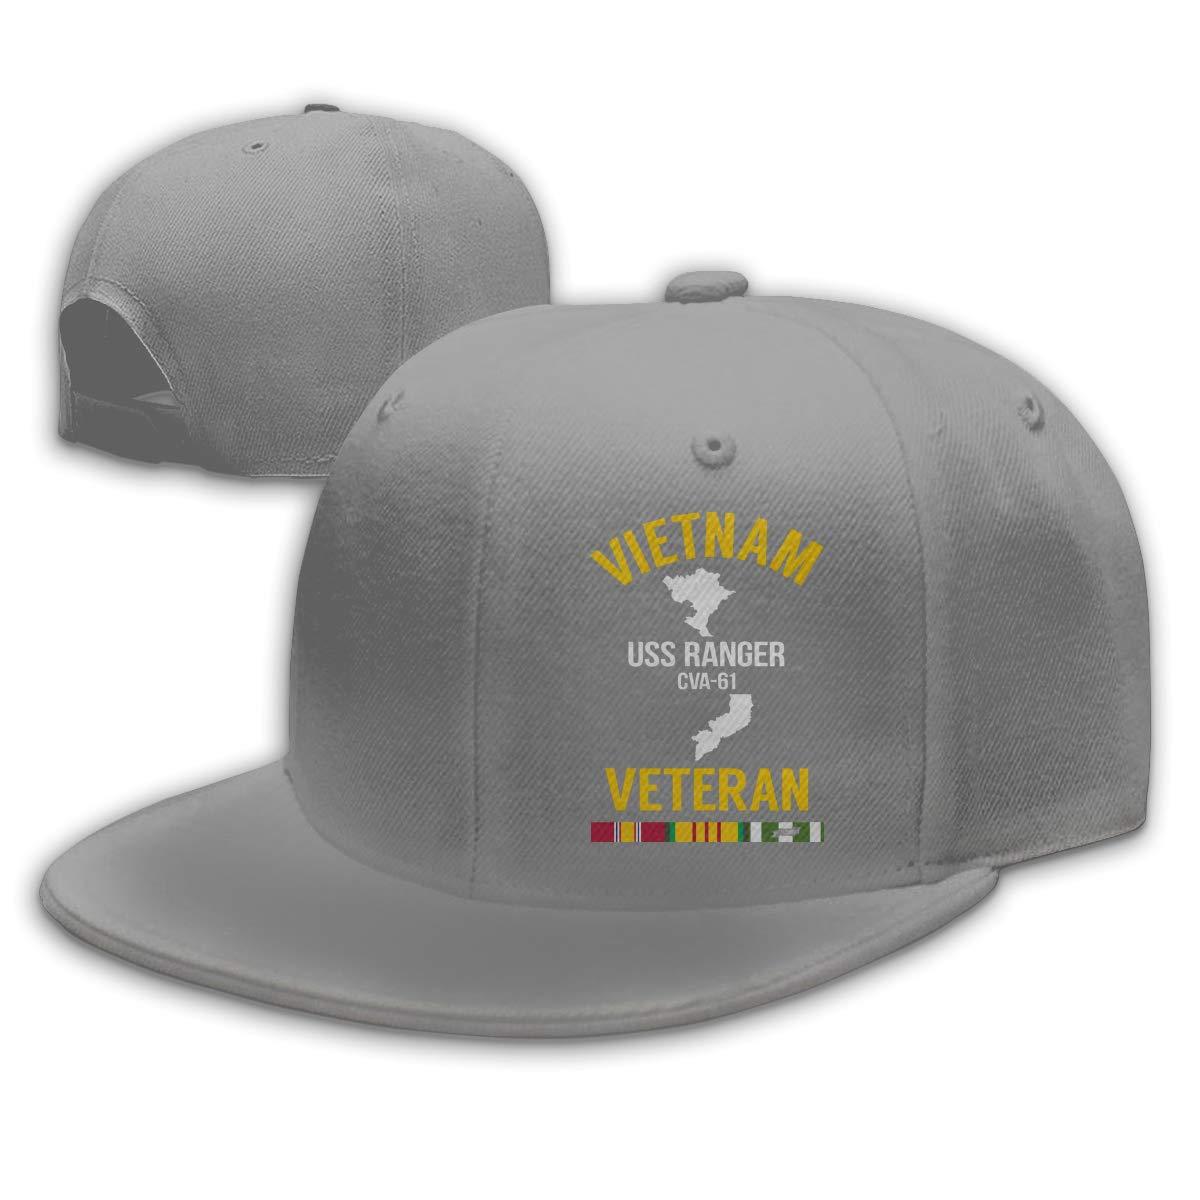 WANGTONG Vietnam Veteran USS Ranger CVA-61 Unisex Snapback Hats Flat Bill Baseball Cap Dad Hat